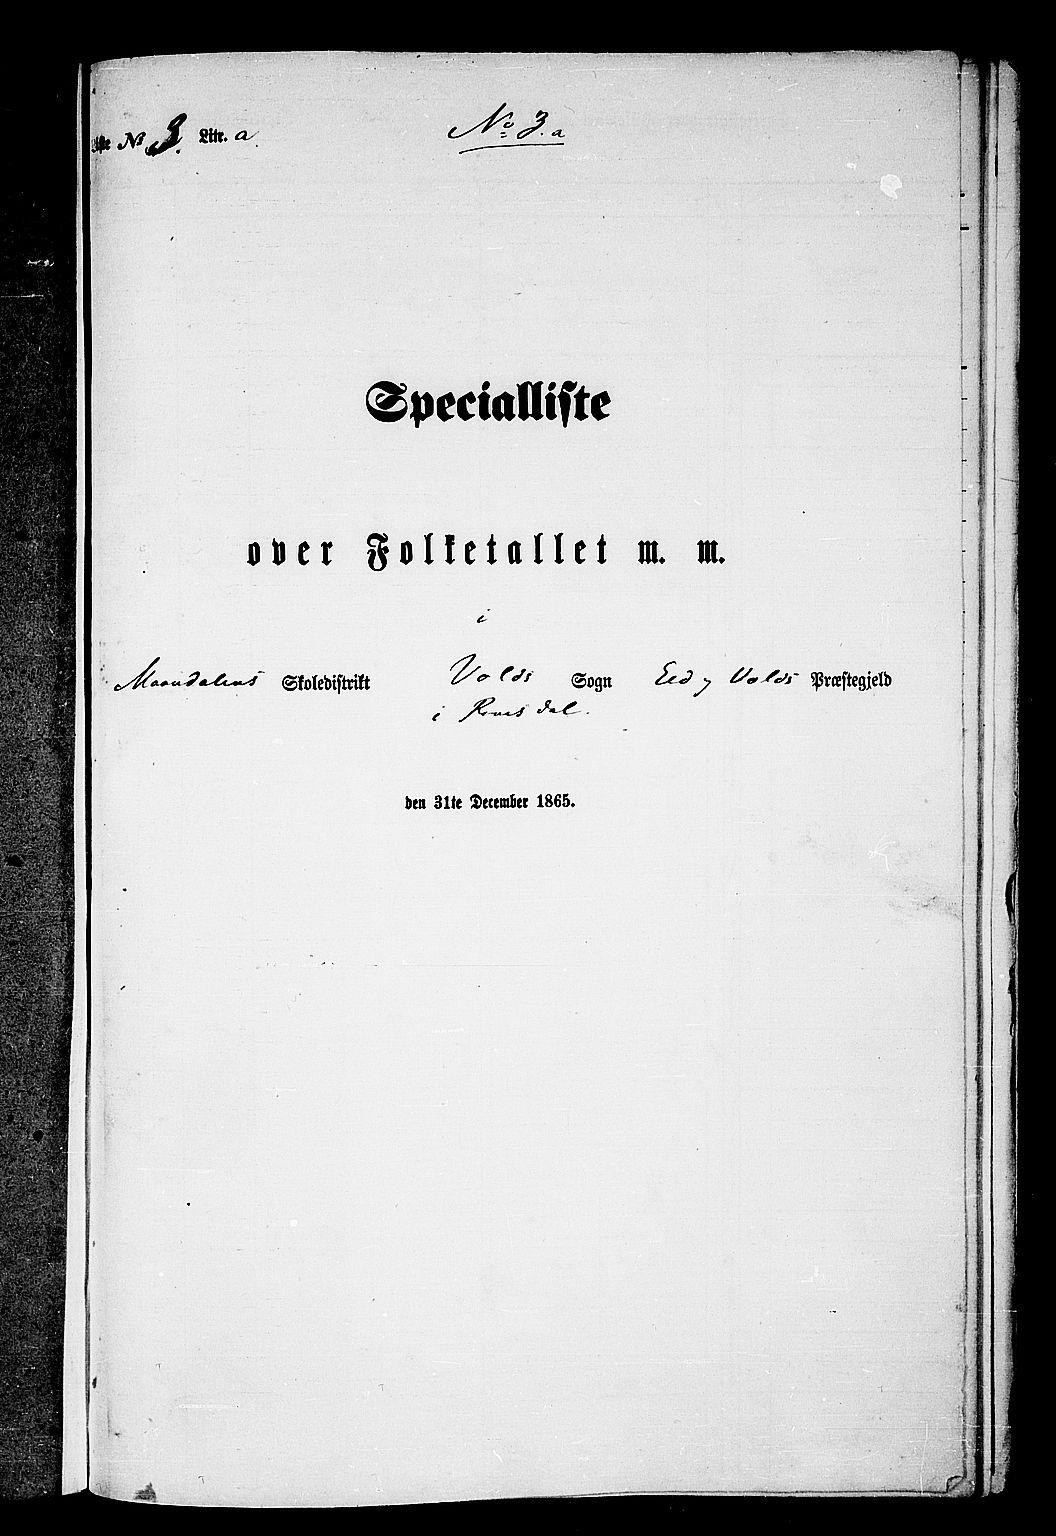 RA, Folketelling 1865 for 1537P Eid og Vold prestegjeld, 1865, s. 49